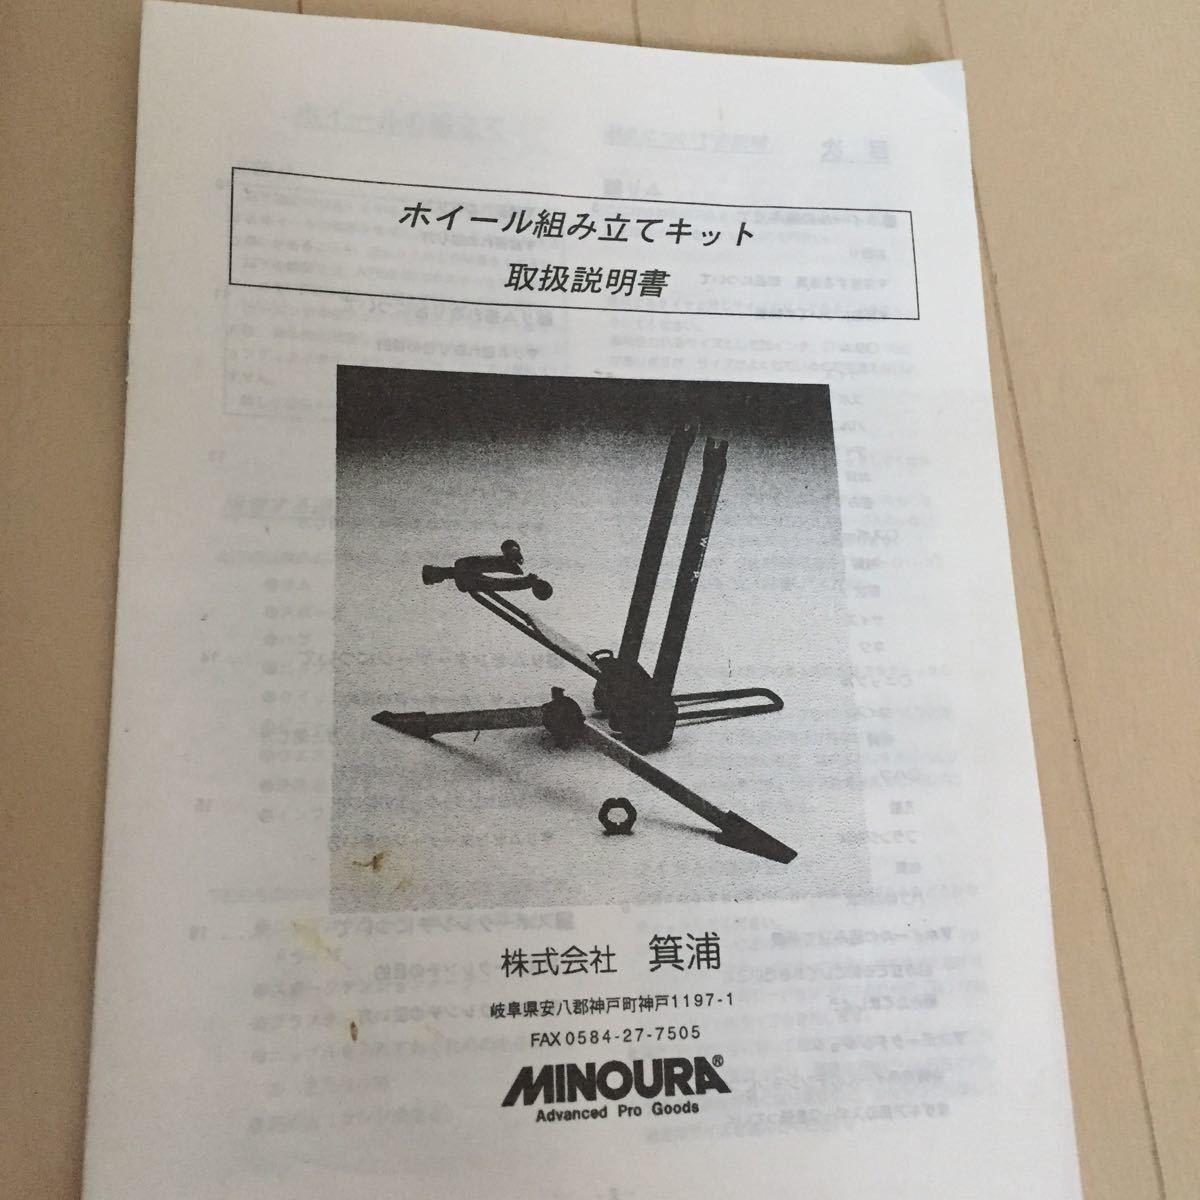 ミノウラ workman pro 振れ取り台 ホイール_画像5